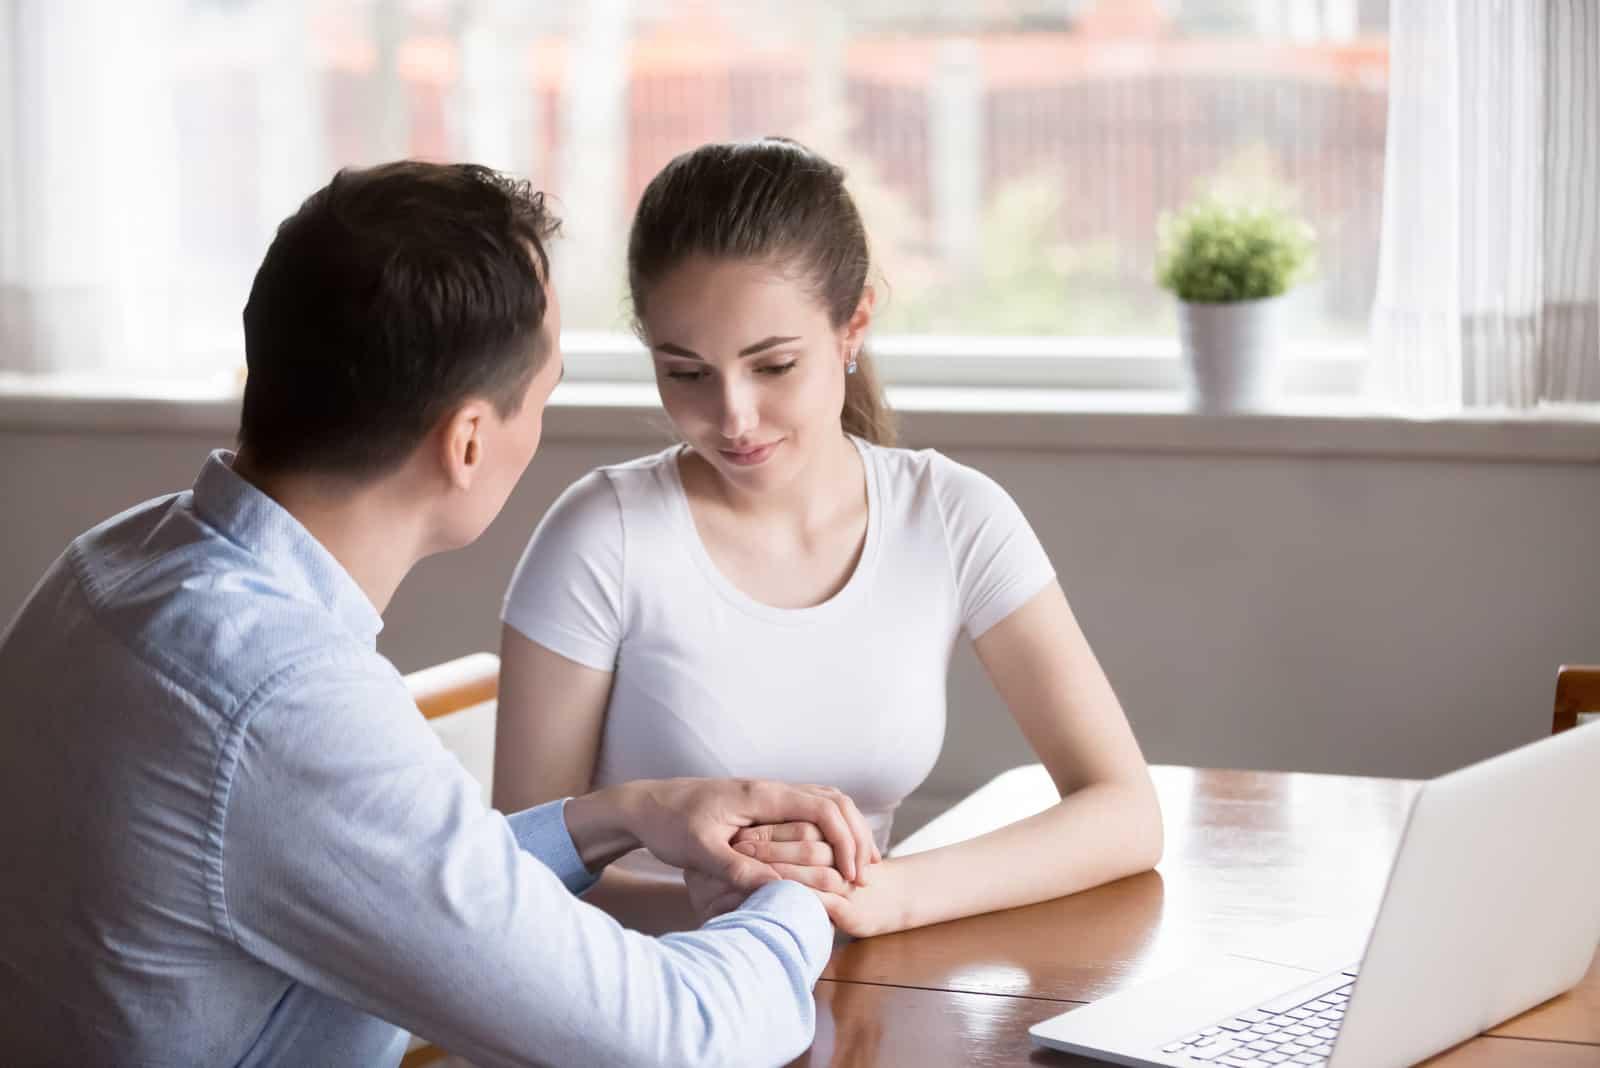 Der Mann tröstet die Frau, als sie am Tisch sitzen